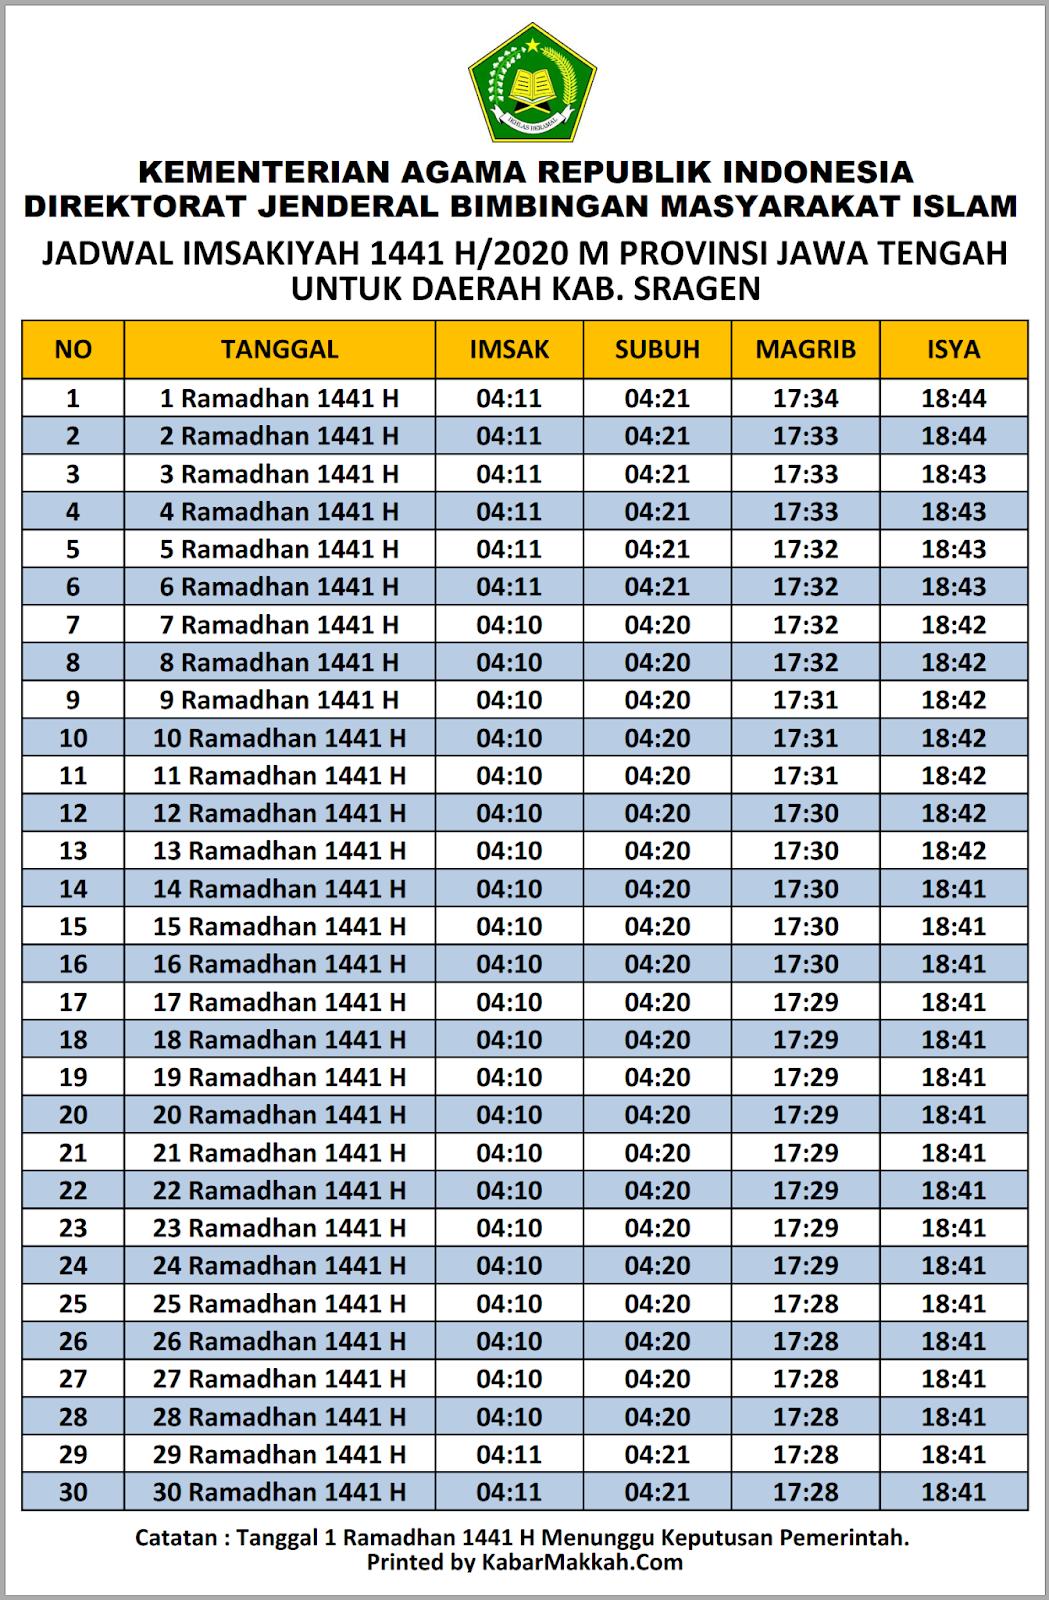 Jadwal Imsakiyah Sragen 2020